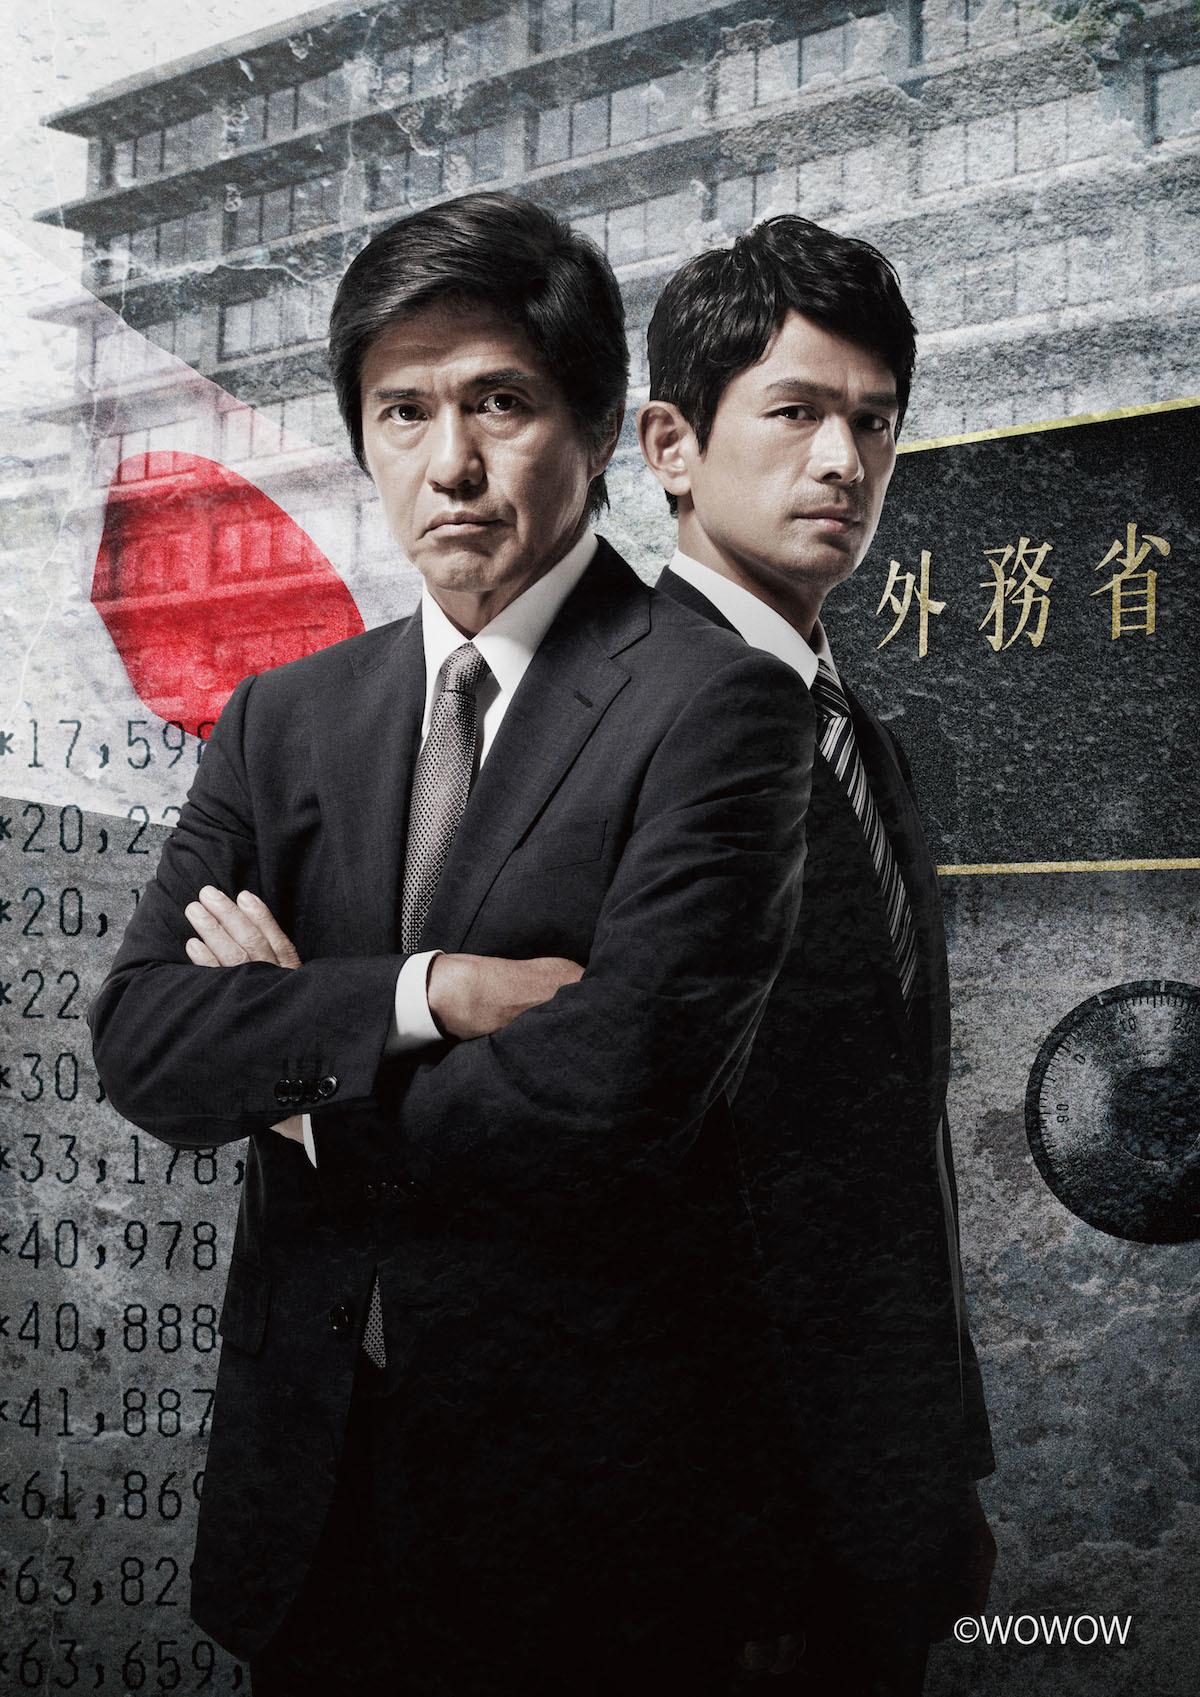 『連続ドラマW 石つぶて ~外務省機密費を暴いた捜査二課の男たち~』